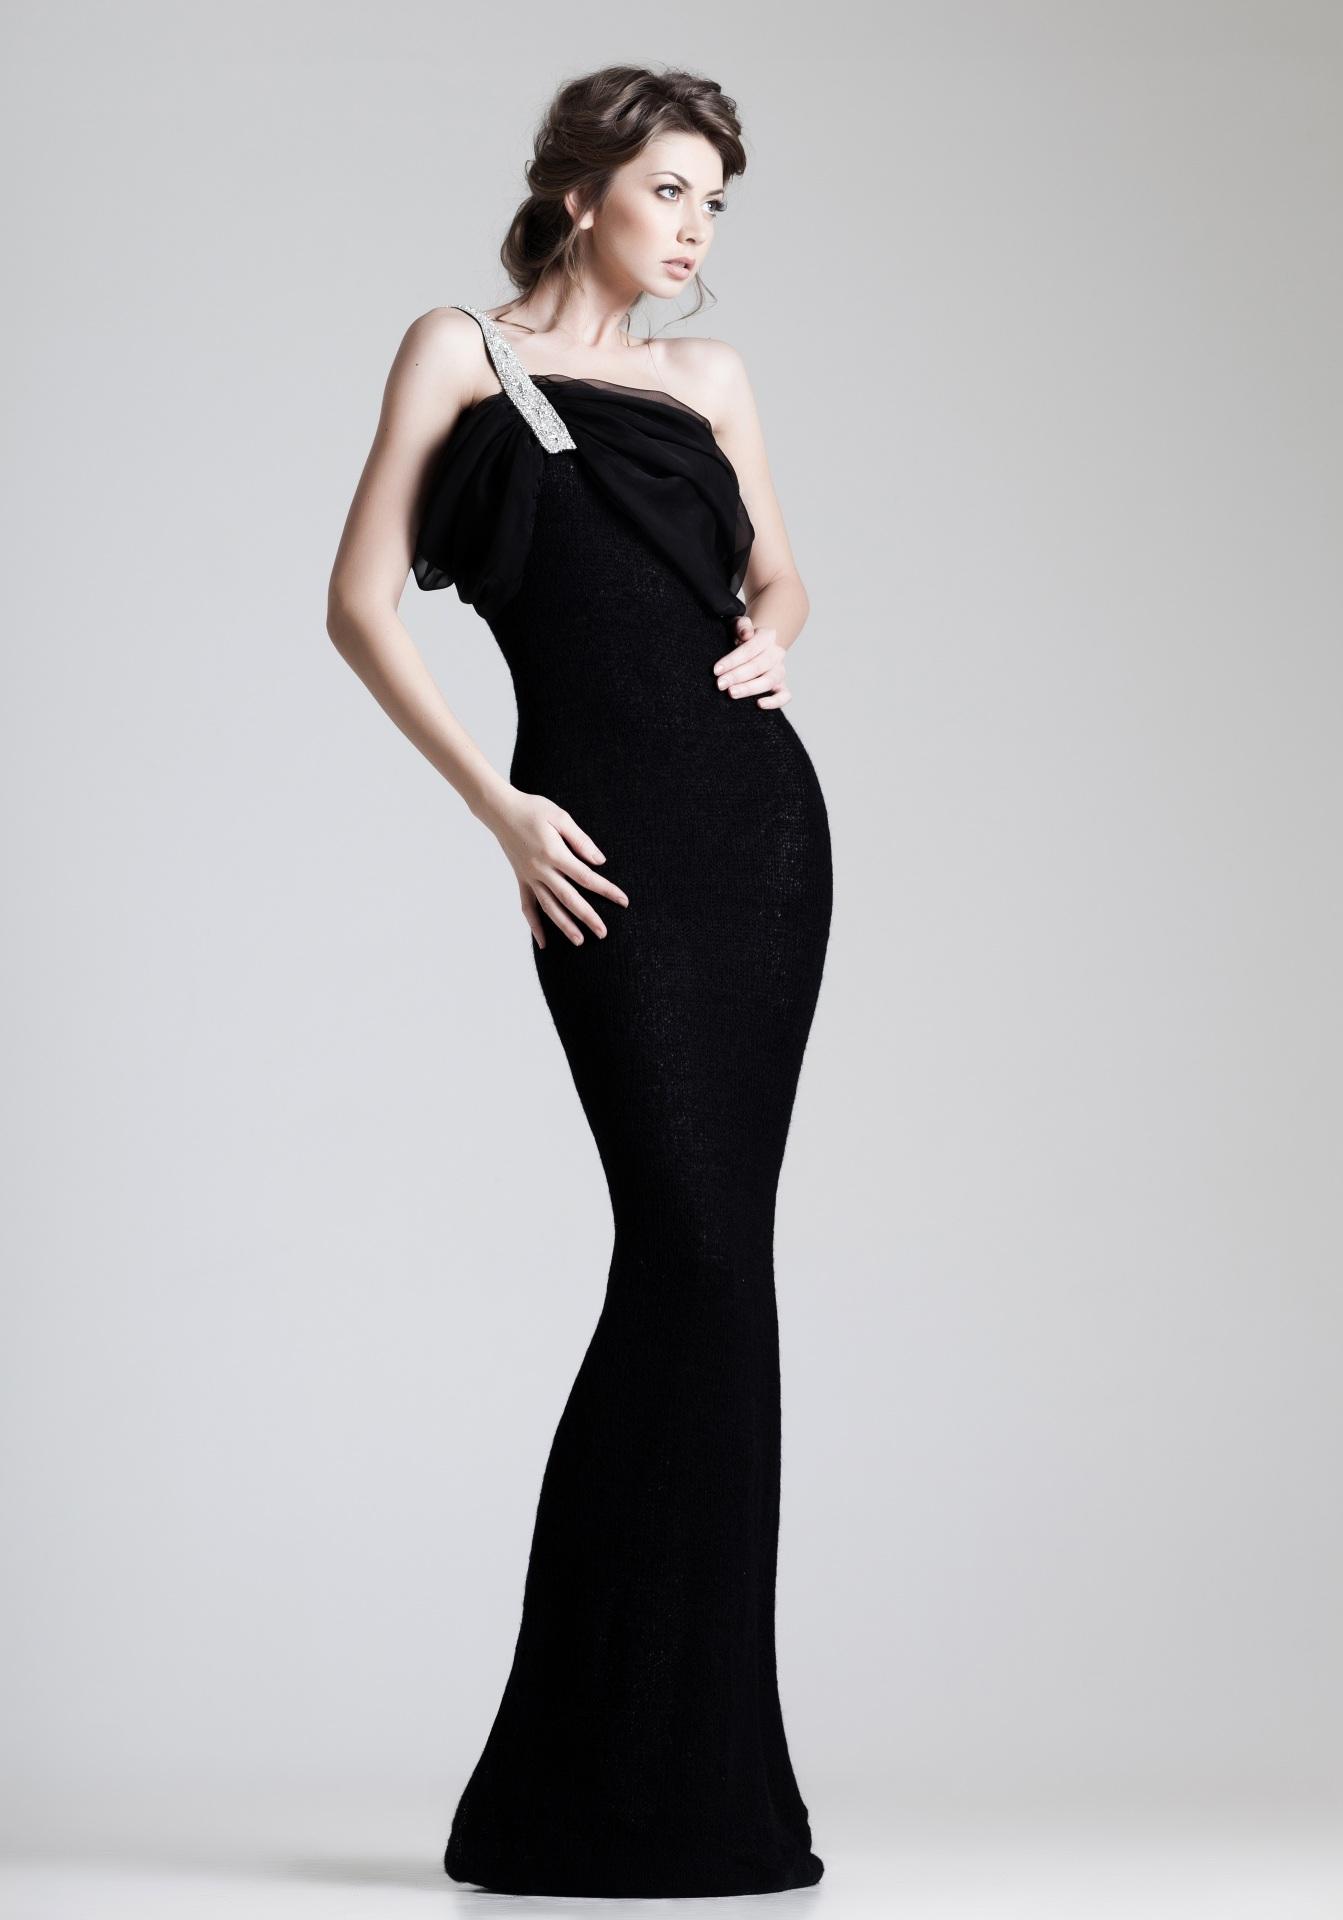 Foto Braune Haare Mädchens Grauer Hintergrund Kleid 1343x1920 Braunhaarige junge frau junge Frauen